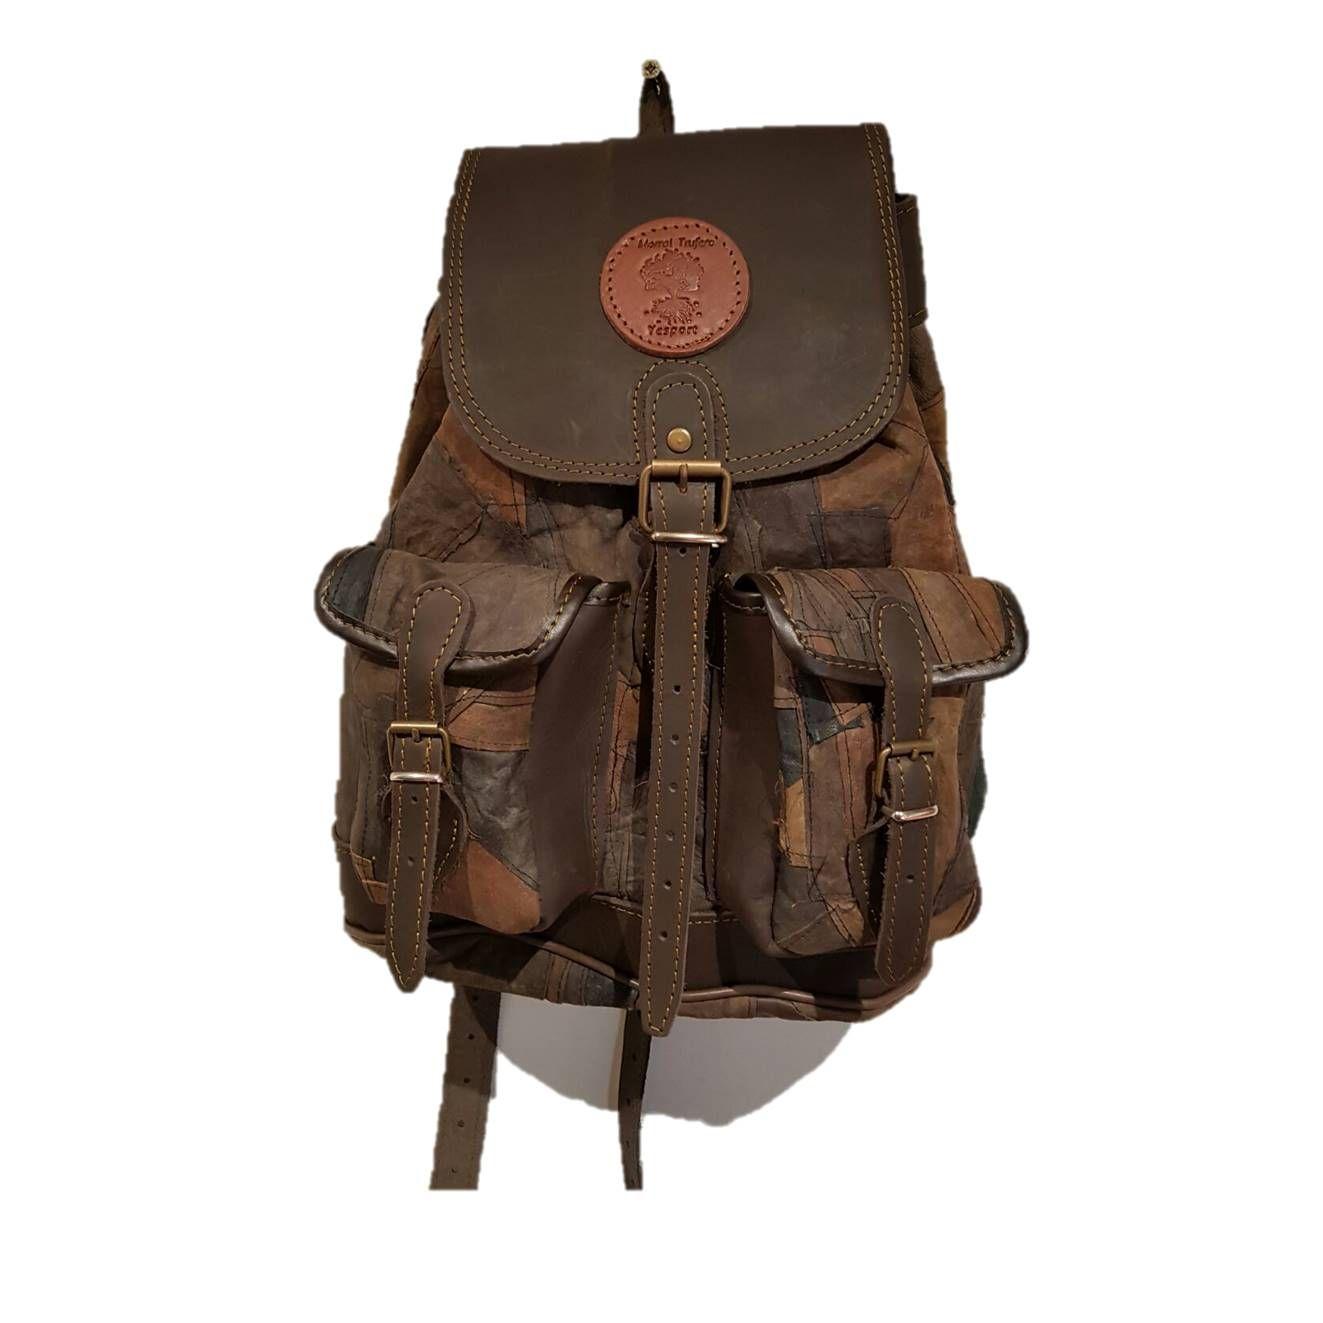 Mochila de caza medieval, con bolsillos frontales, cierre hebilla coscojo: Tienda online de Artículos de Caza